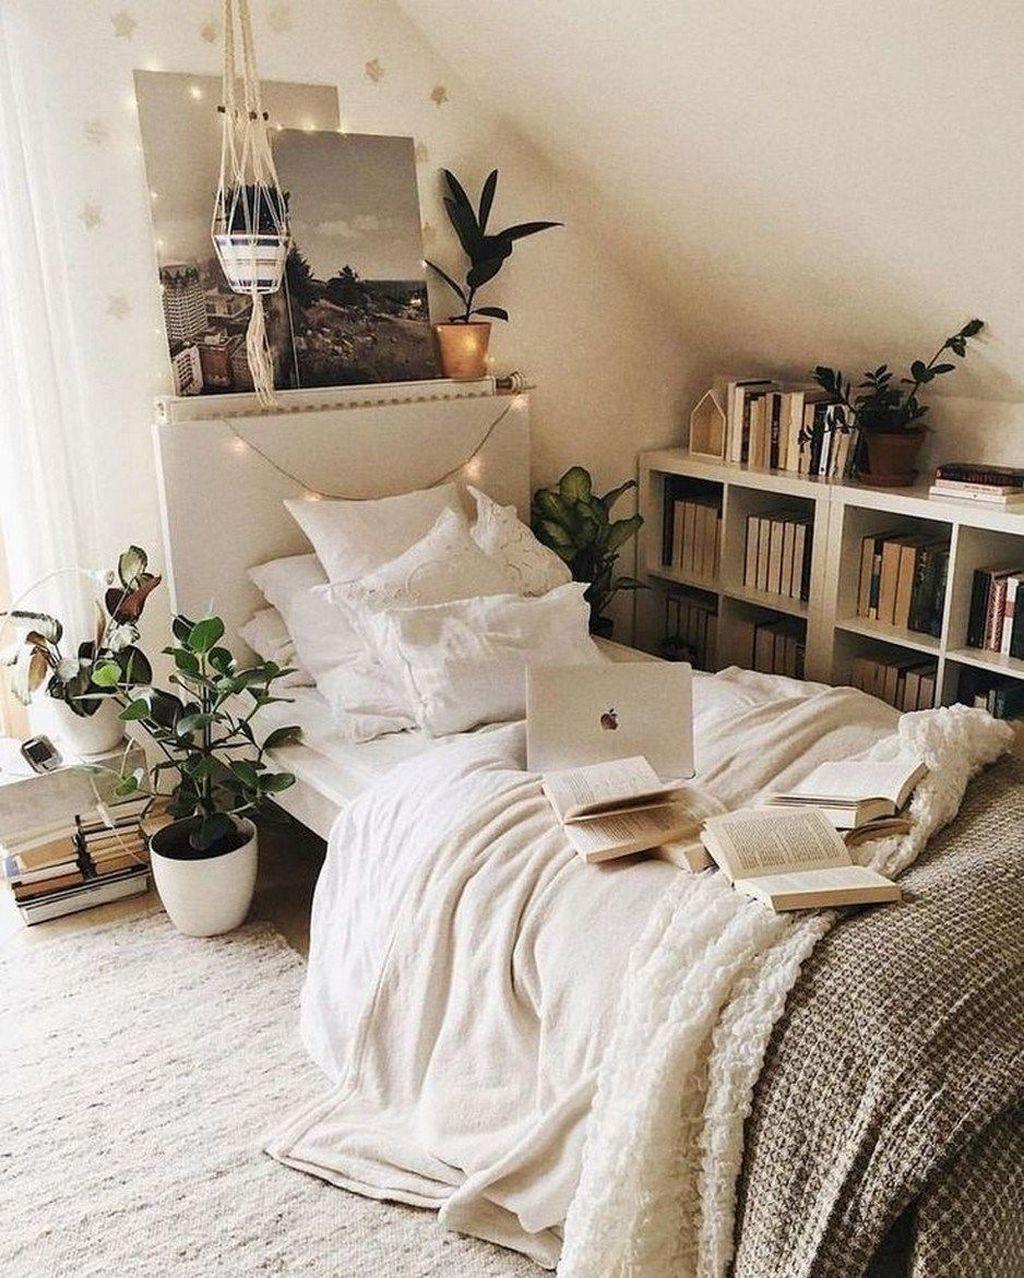 30 Minimalist Bedroom Decoration Ideas That Looks More Cool